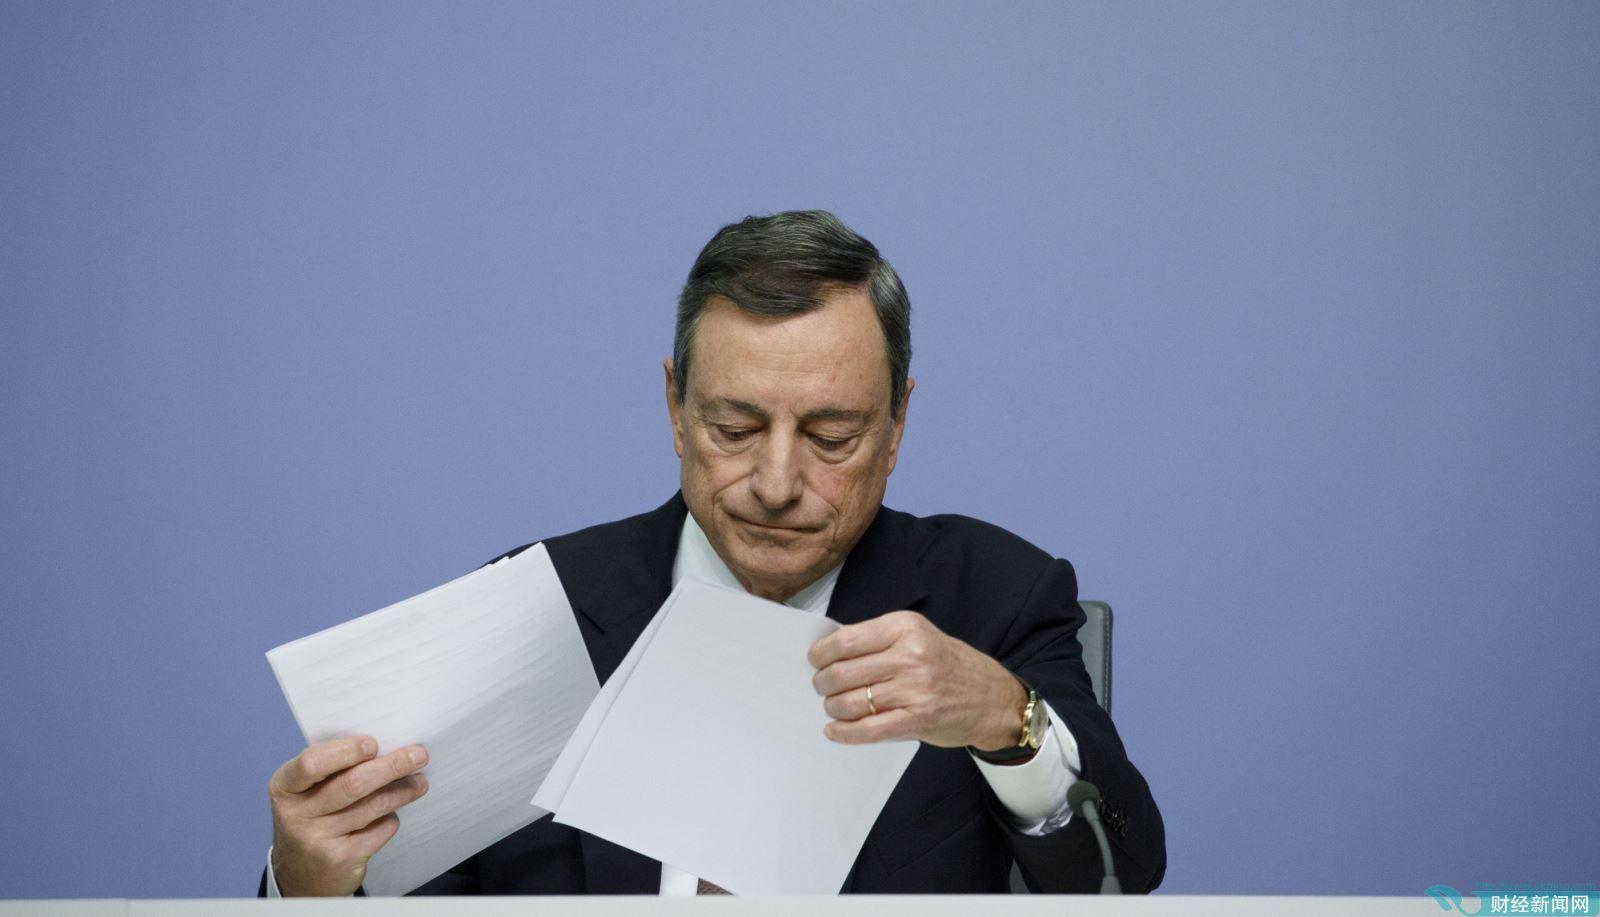 外界益发揣测欧银政策细节 投资人五问德拉基